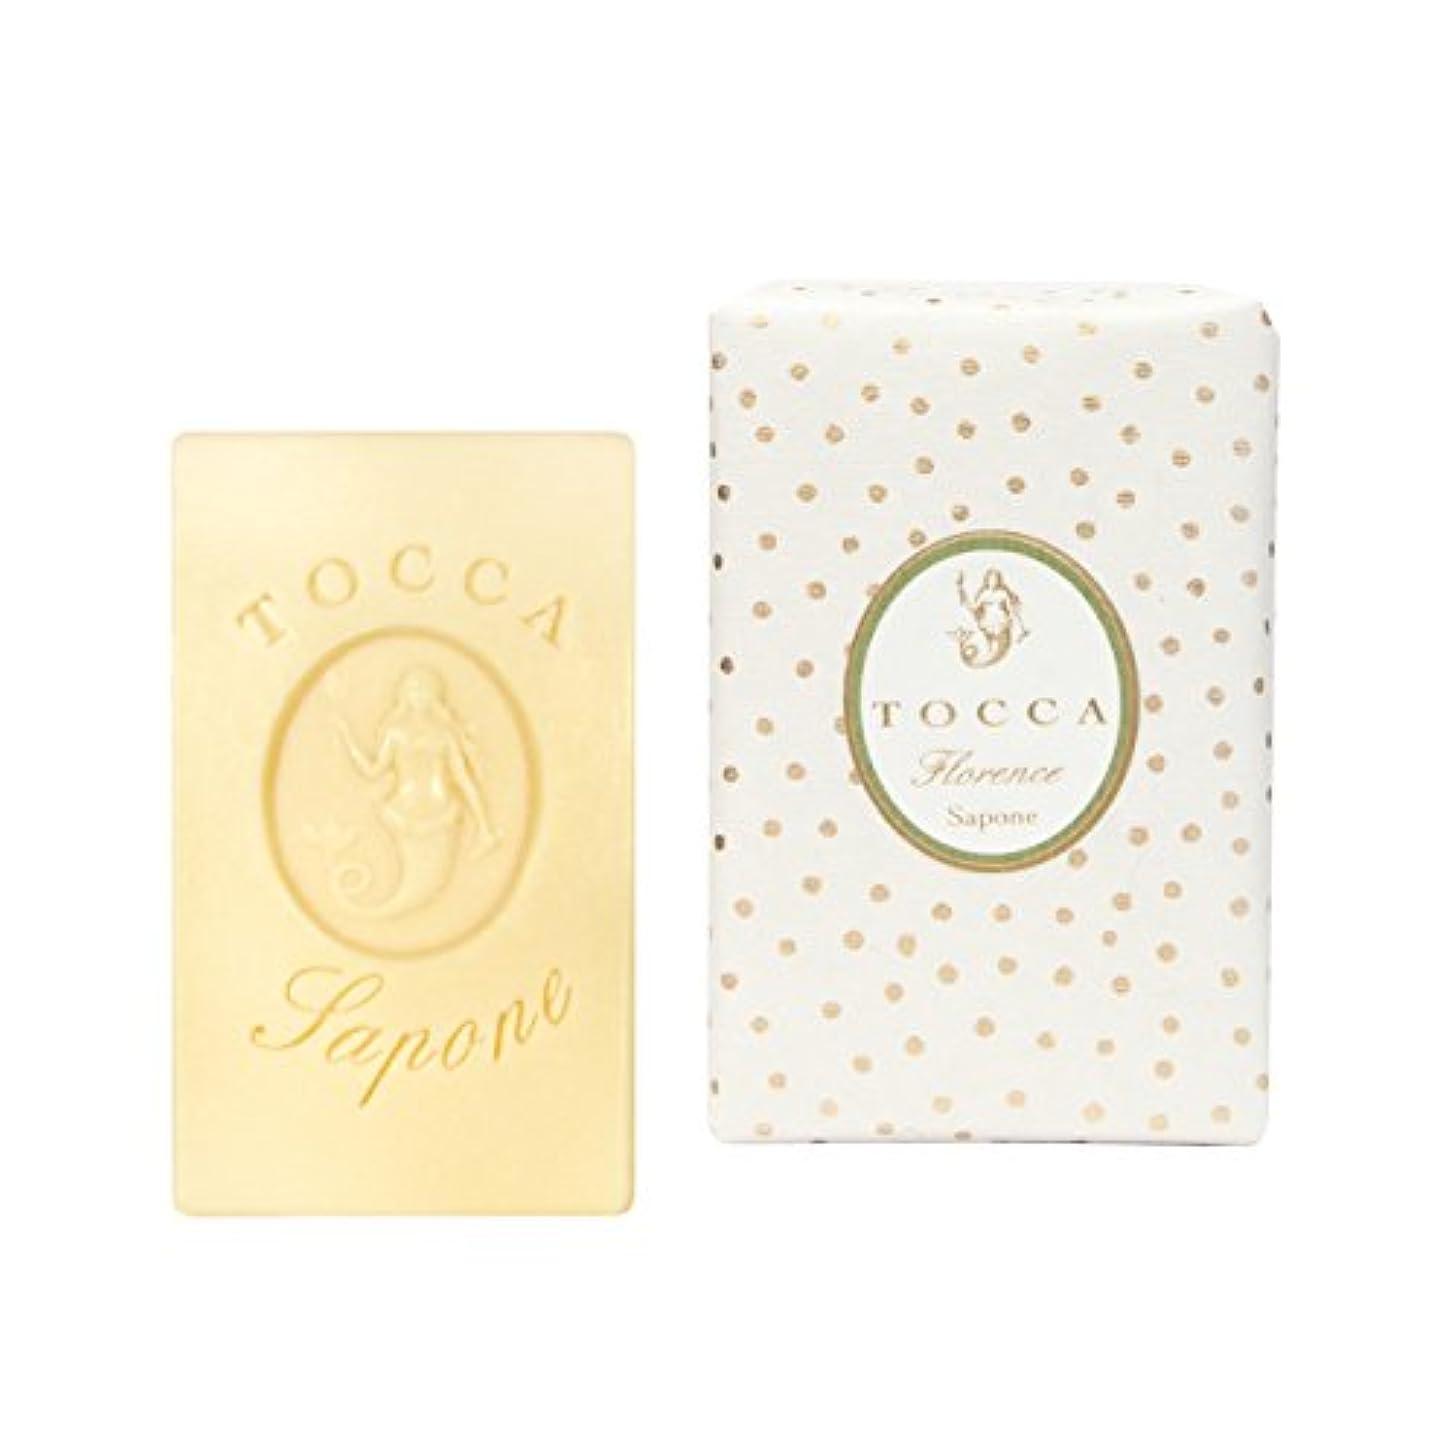 ボクシングボックス完璧トッカ(TOCCA) ソープバーフローレンスの香り 113g(石けん 化粧石けん ガーデニアとベルガモットが誘うように溶け合うどこまでも上品なフローラルの香り)